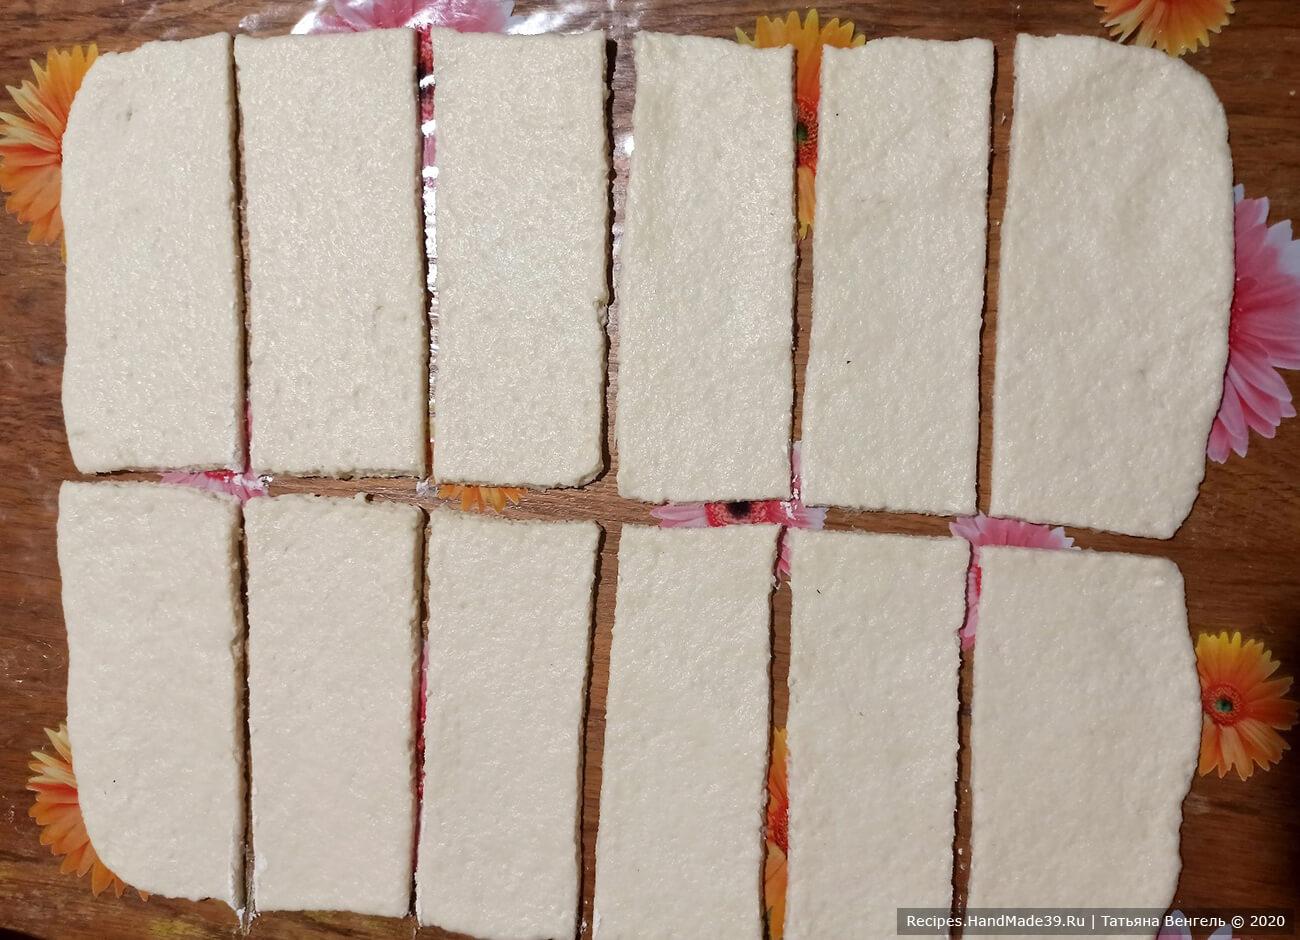 Приготовление творожных булочек: тесто раскатать в прямоугольный пласт толщиной 3 мм. Разрезать вдоль пополам и каждую полоску на 6 частей